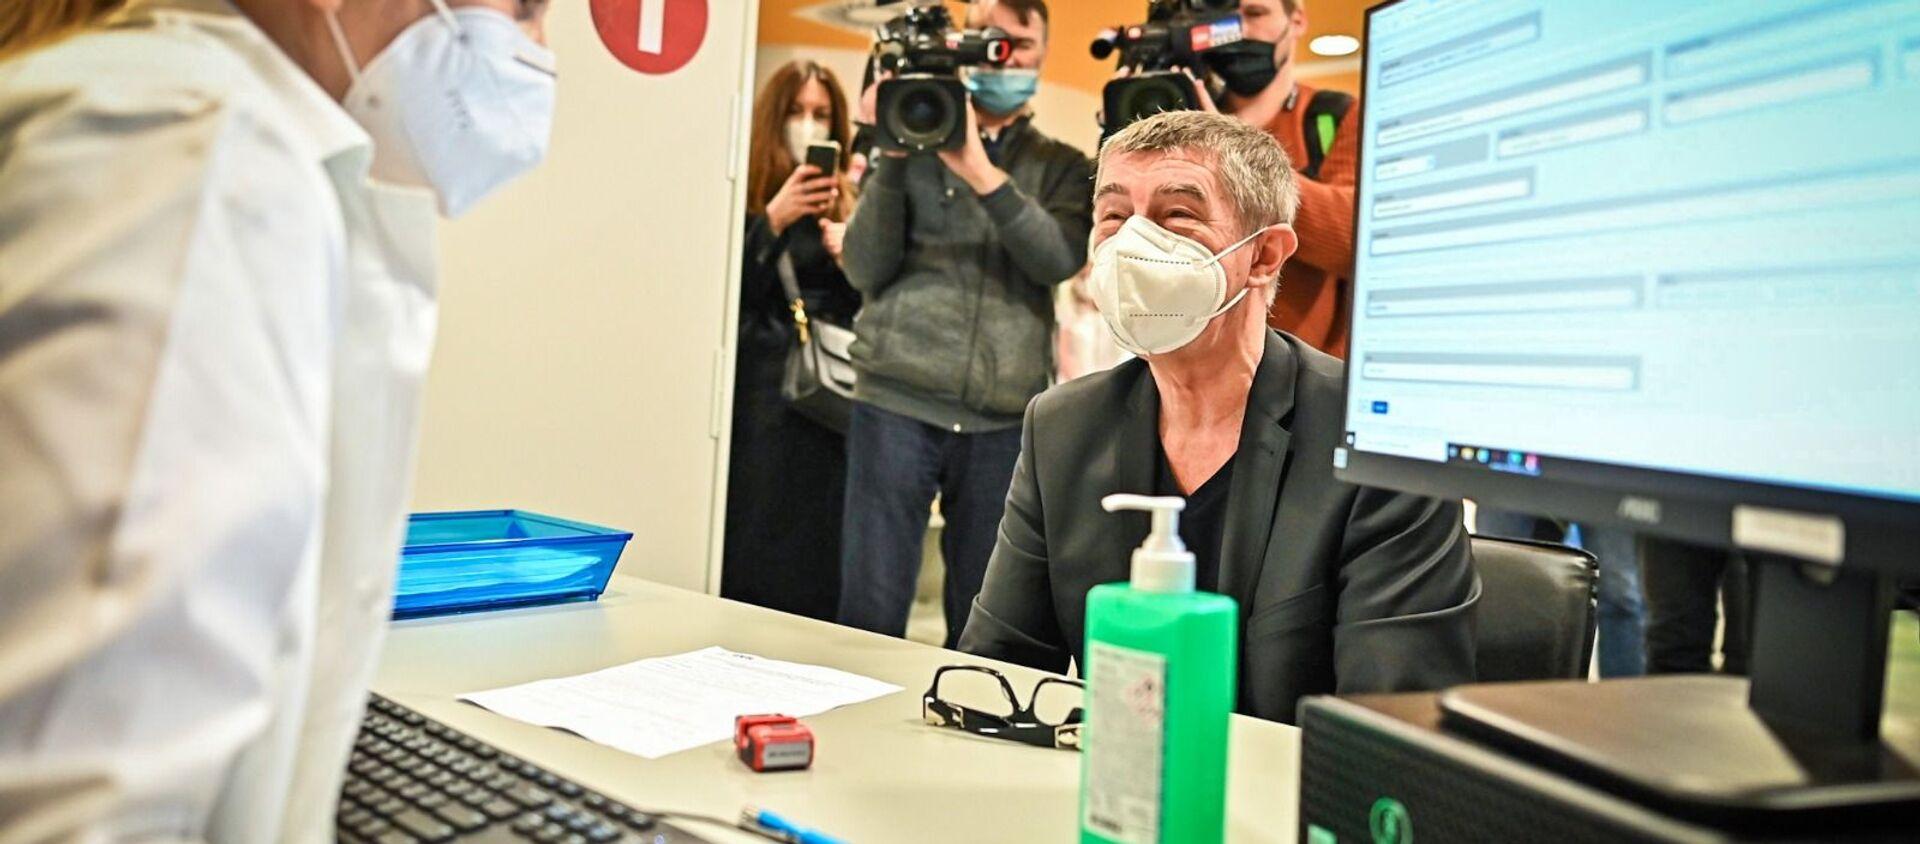 Premiér ČR Andrej Babiš si nechal píchnout druhou dávku vakcíny - Sputnik Česká republika, 1920, 07.02.2021